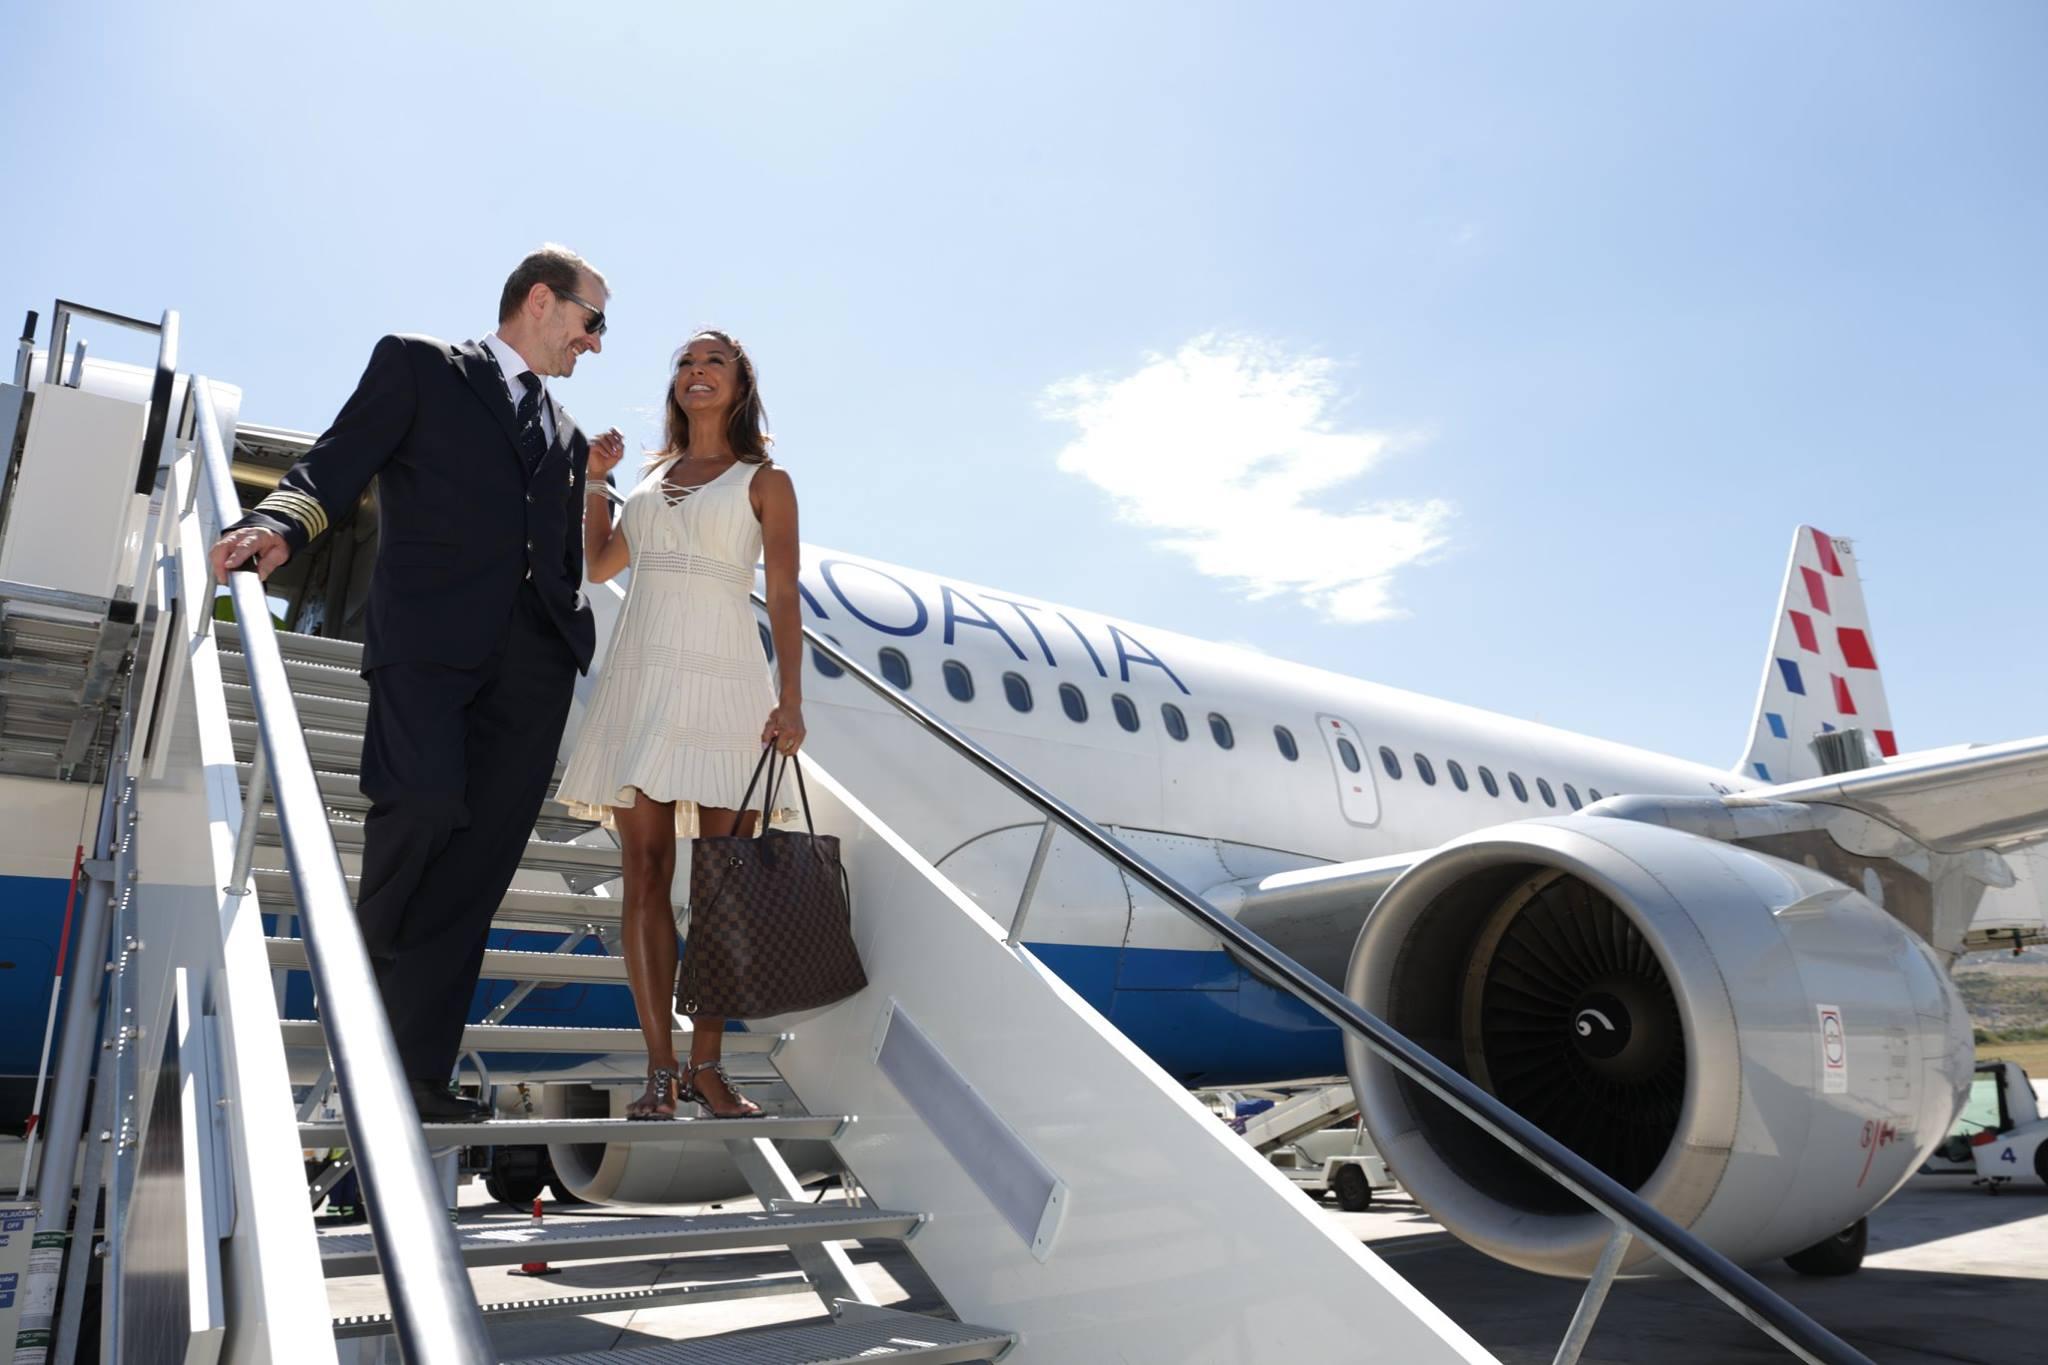 Лайнер авиакомпании после очередного рейса